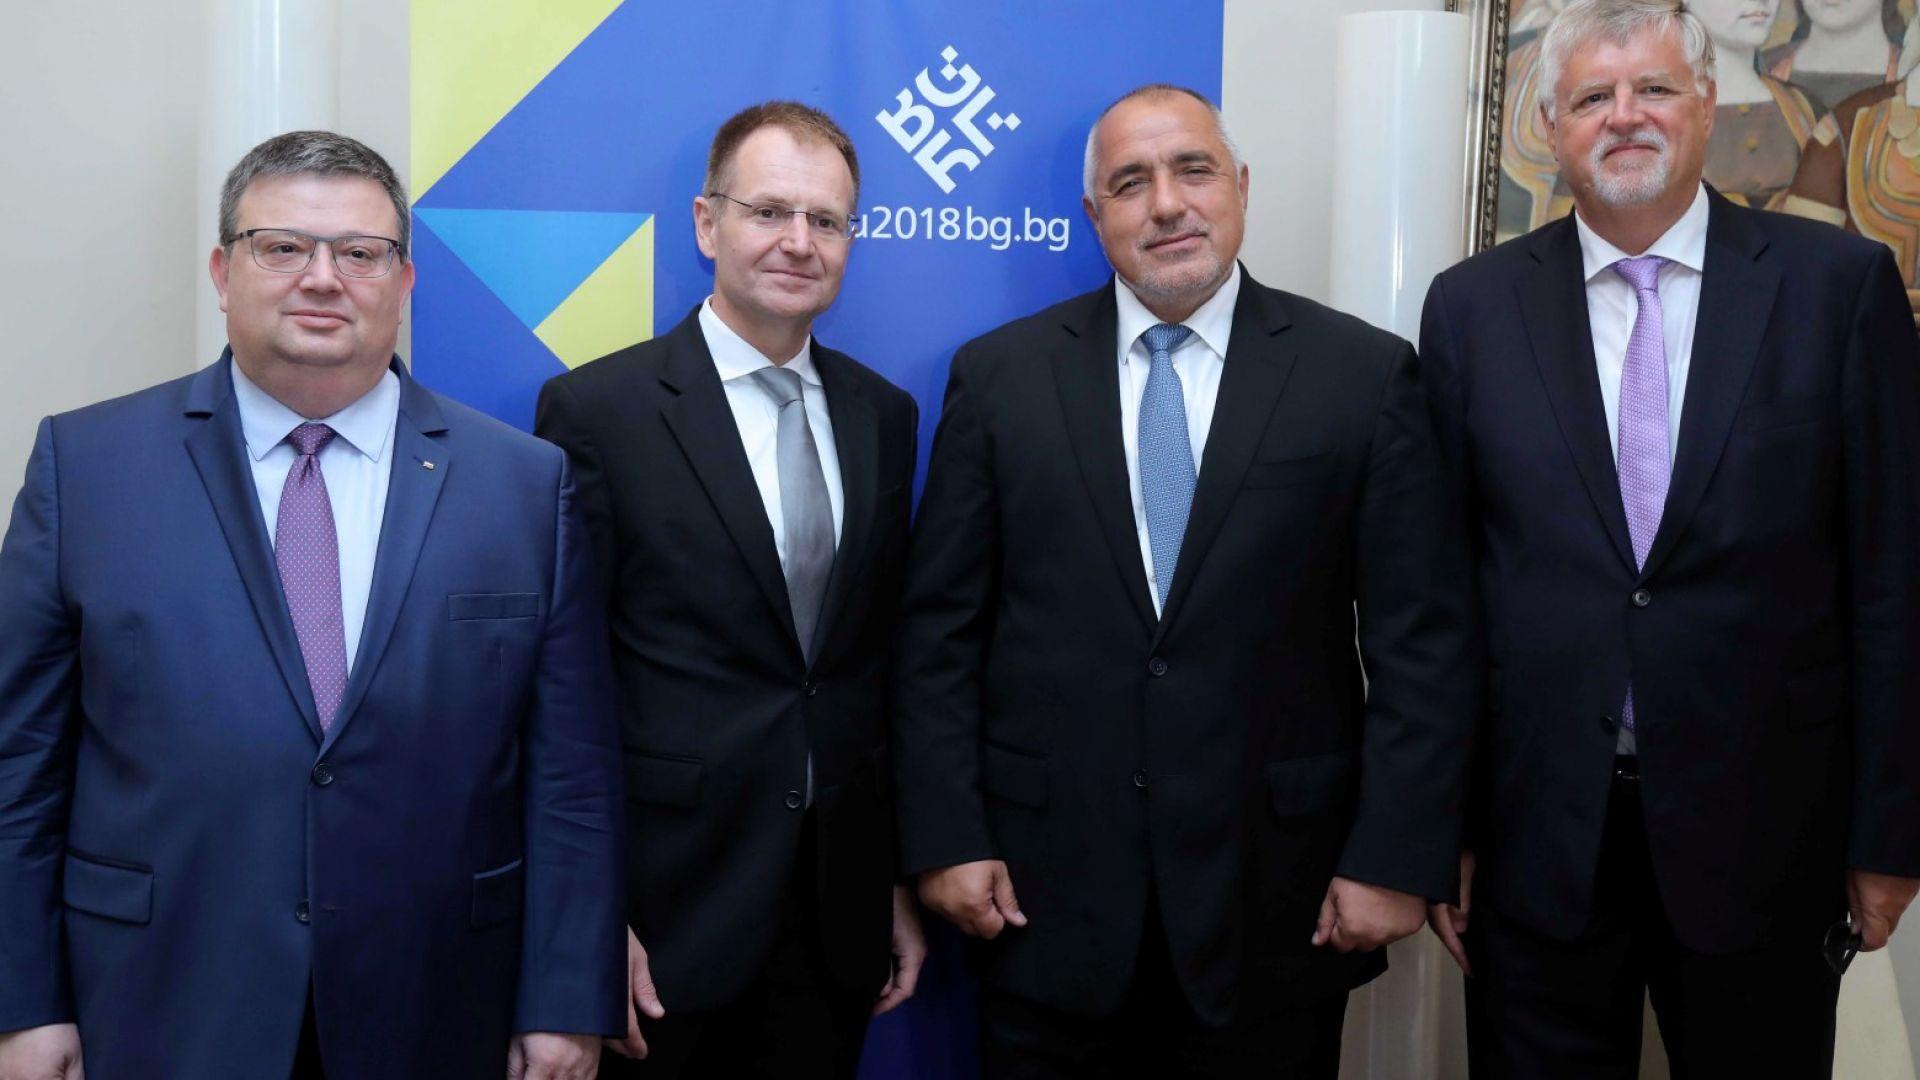 Борисов и Цацаров се срещнаха с федералния прокурор на Германия, обсъдиха тероризма